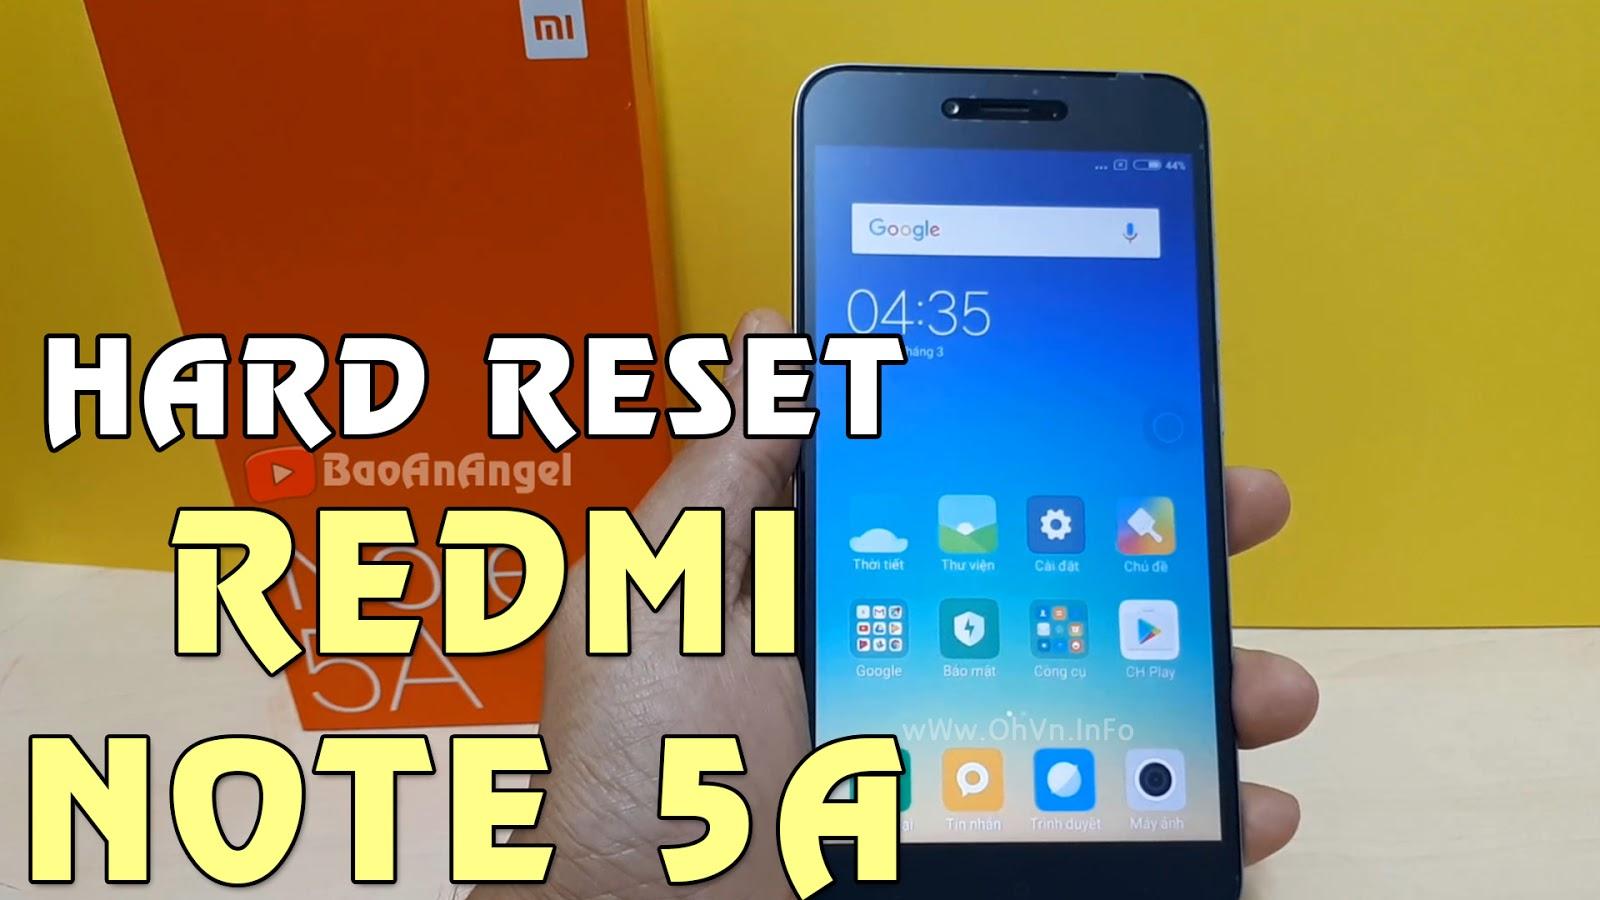 Hướng dẫn Hard Reset Xiaomi Redmi Note 5A | Quên mật khẩu màn hình